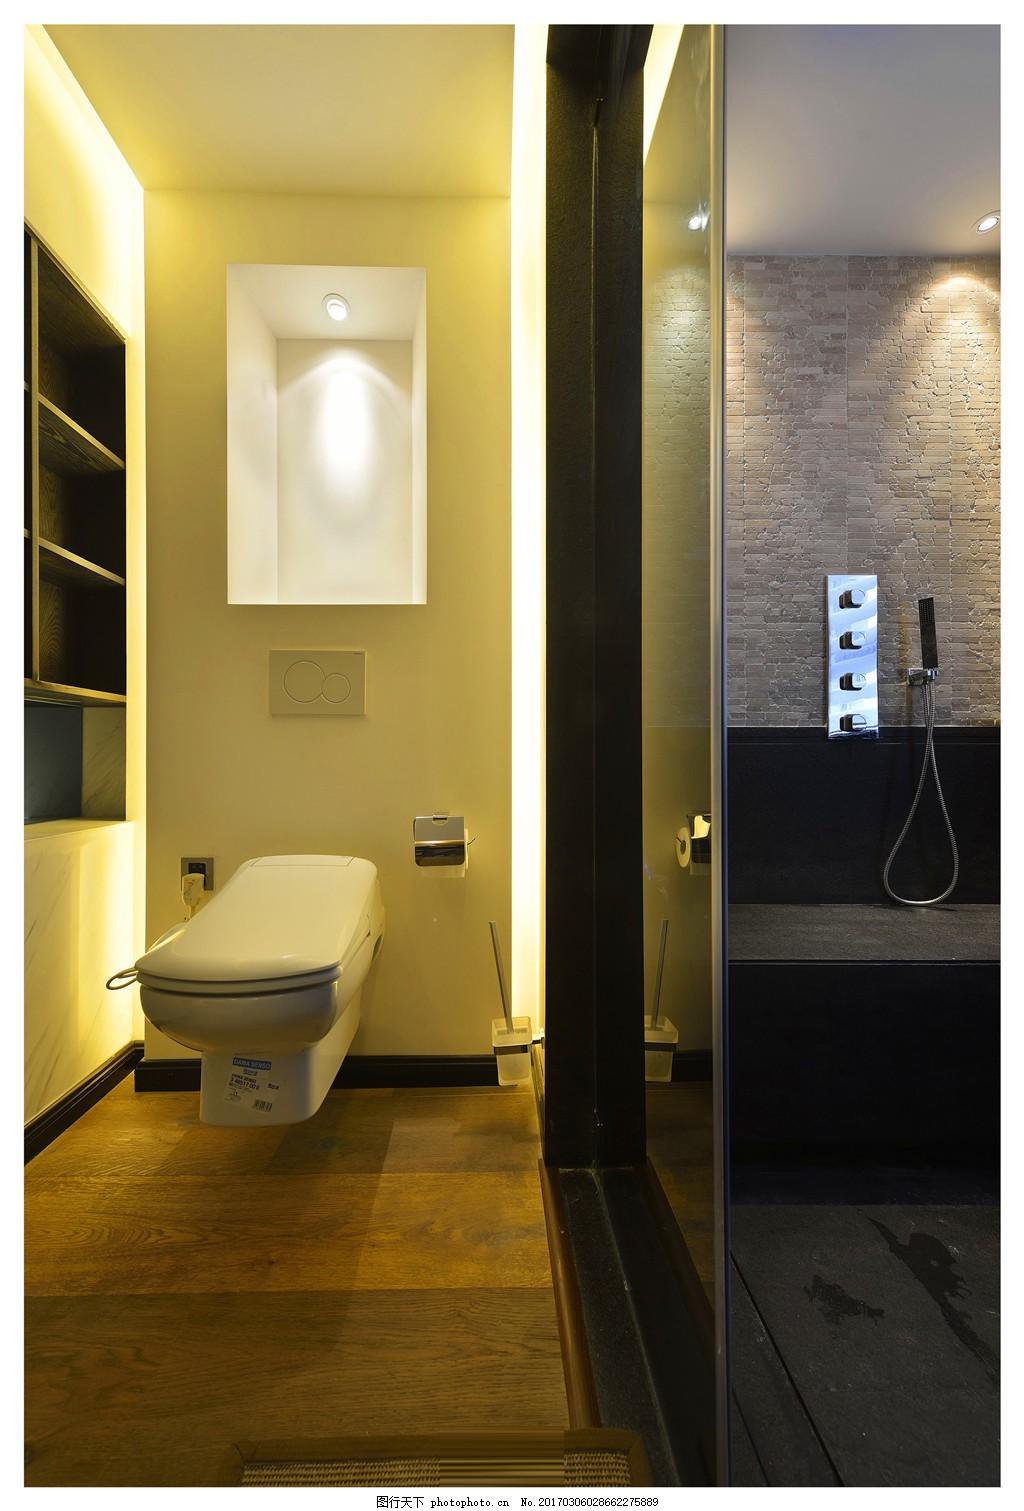 卫生间 装修效果图 家装效果图 镜子 马桶 房屋 室内 房屋装修